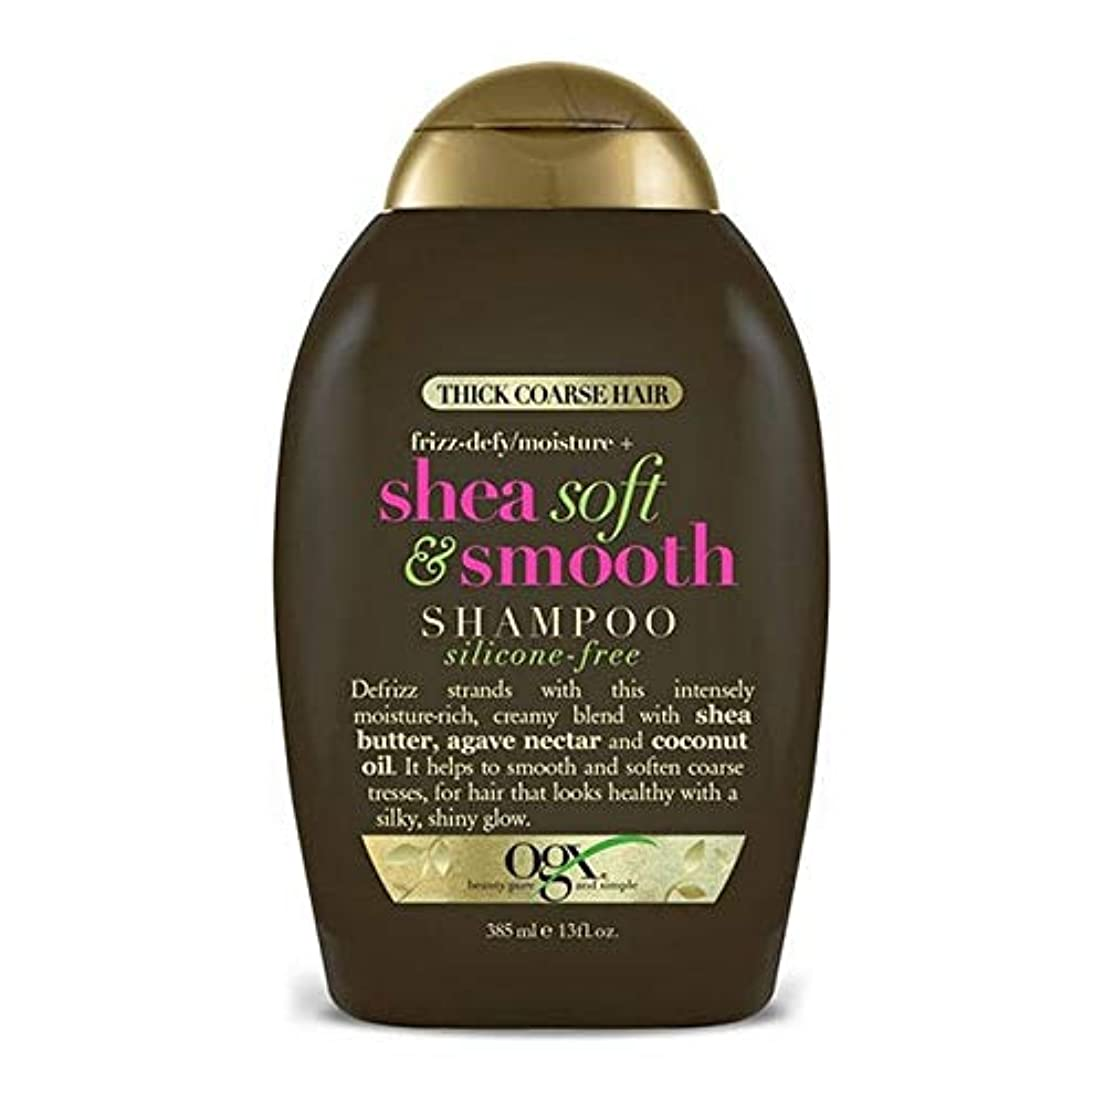 こどもセンター君主制時代[Ogx] Ogxシリコンフリーシアソフトで滑らかなシャンプー385ミリリットル - OGX Silicone-Free Shea Soft and Smooth Shampoo 385ml [並行輸入品]